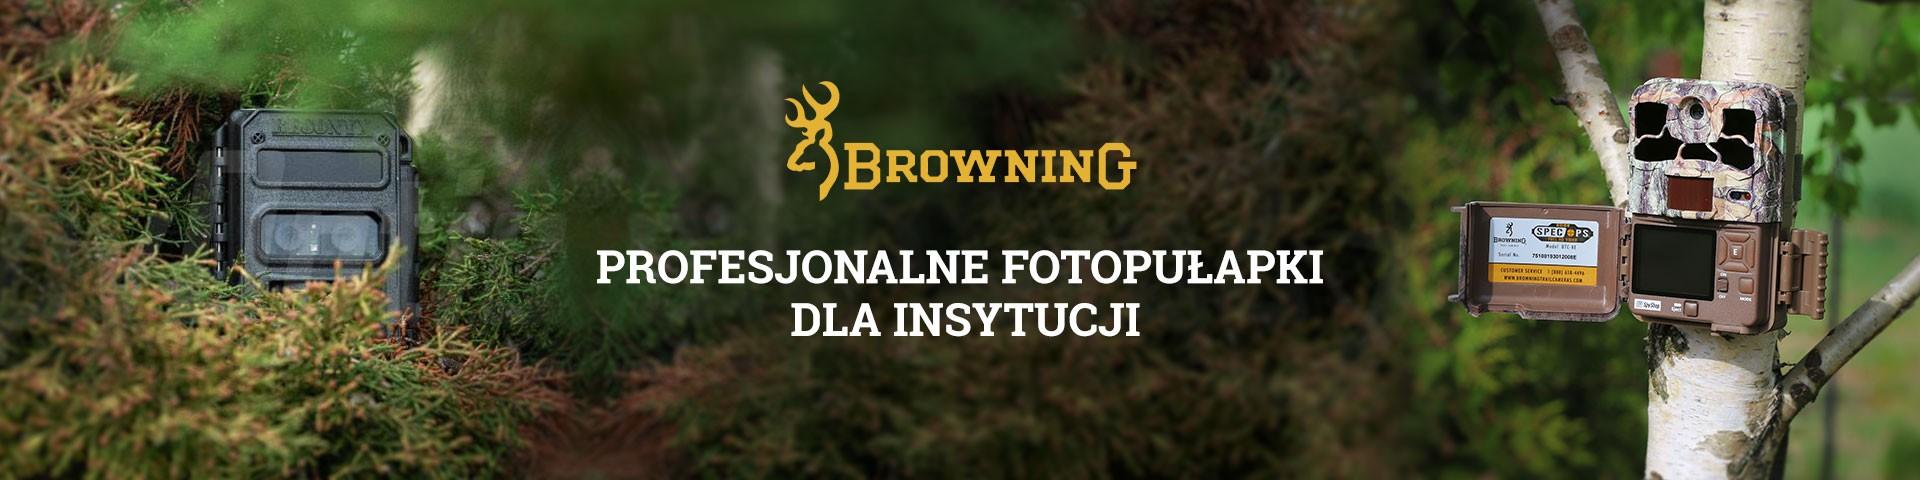 Fotopułapki Browning